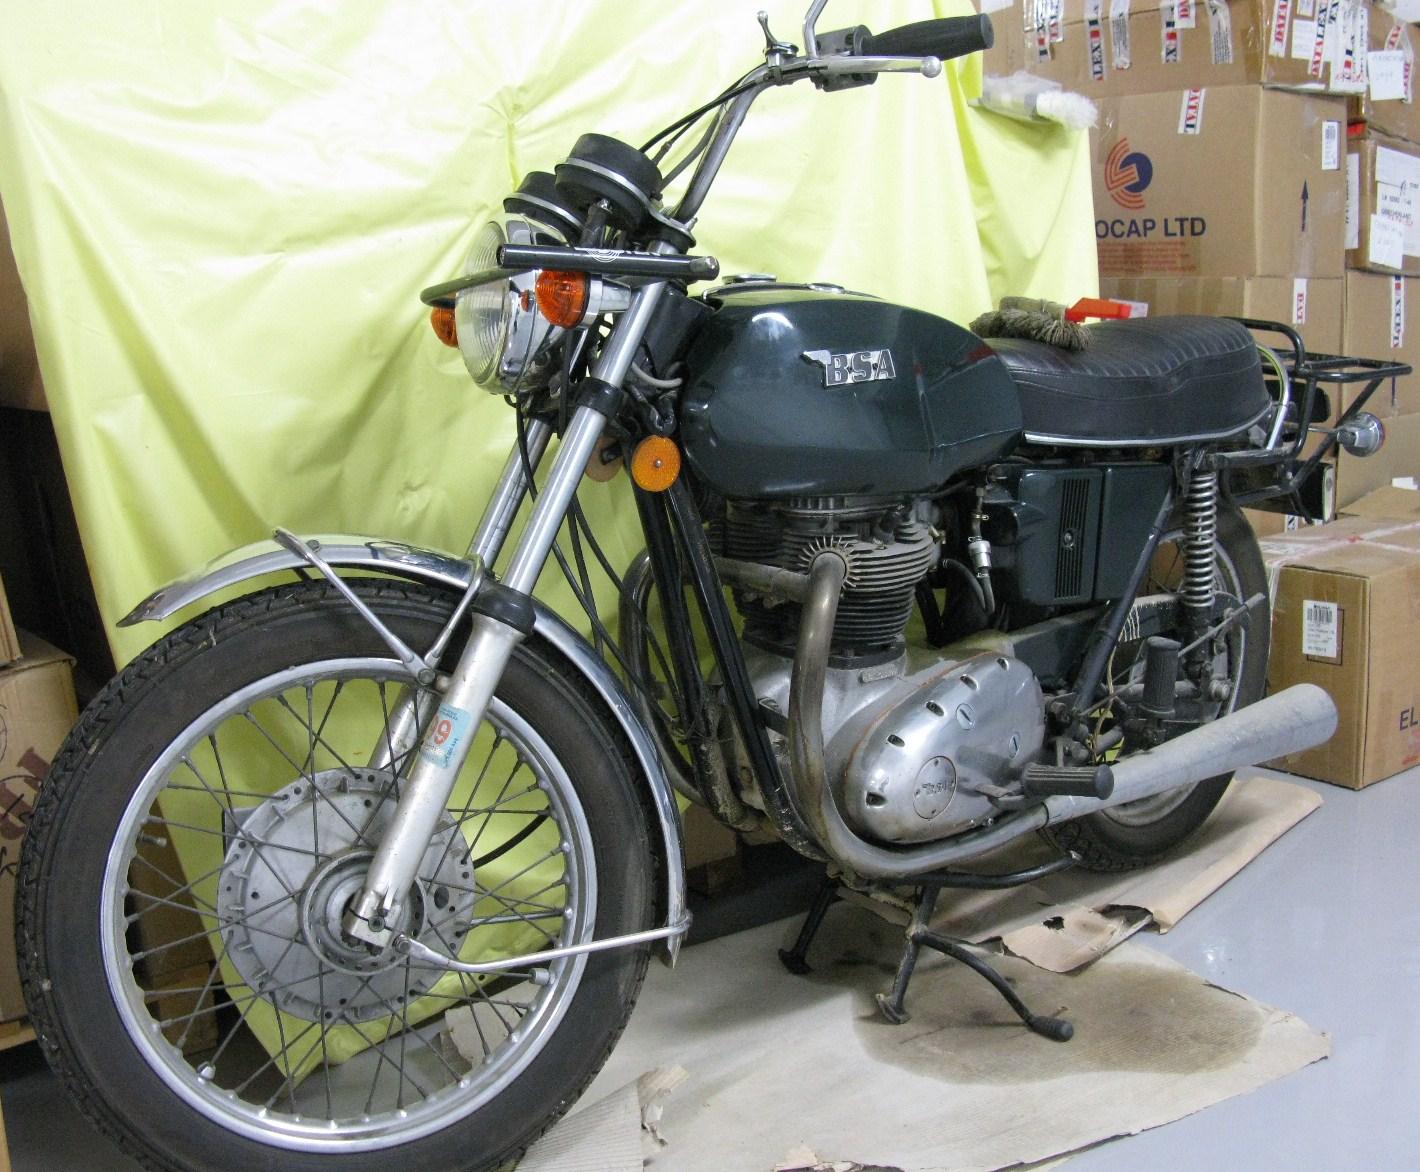 BSA 650 ccThunderbolt (single carb) 1972